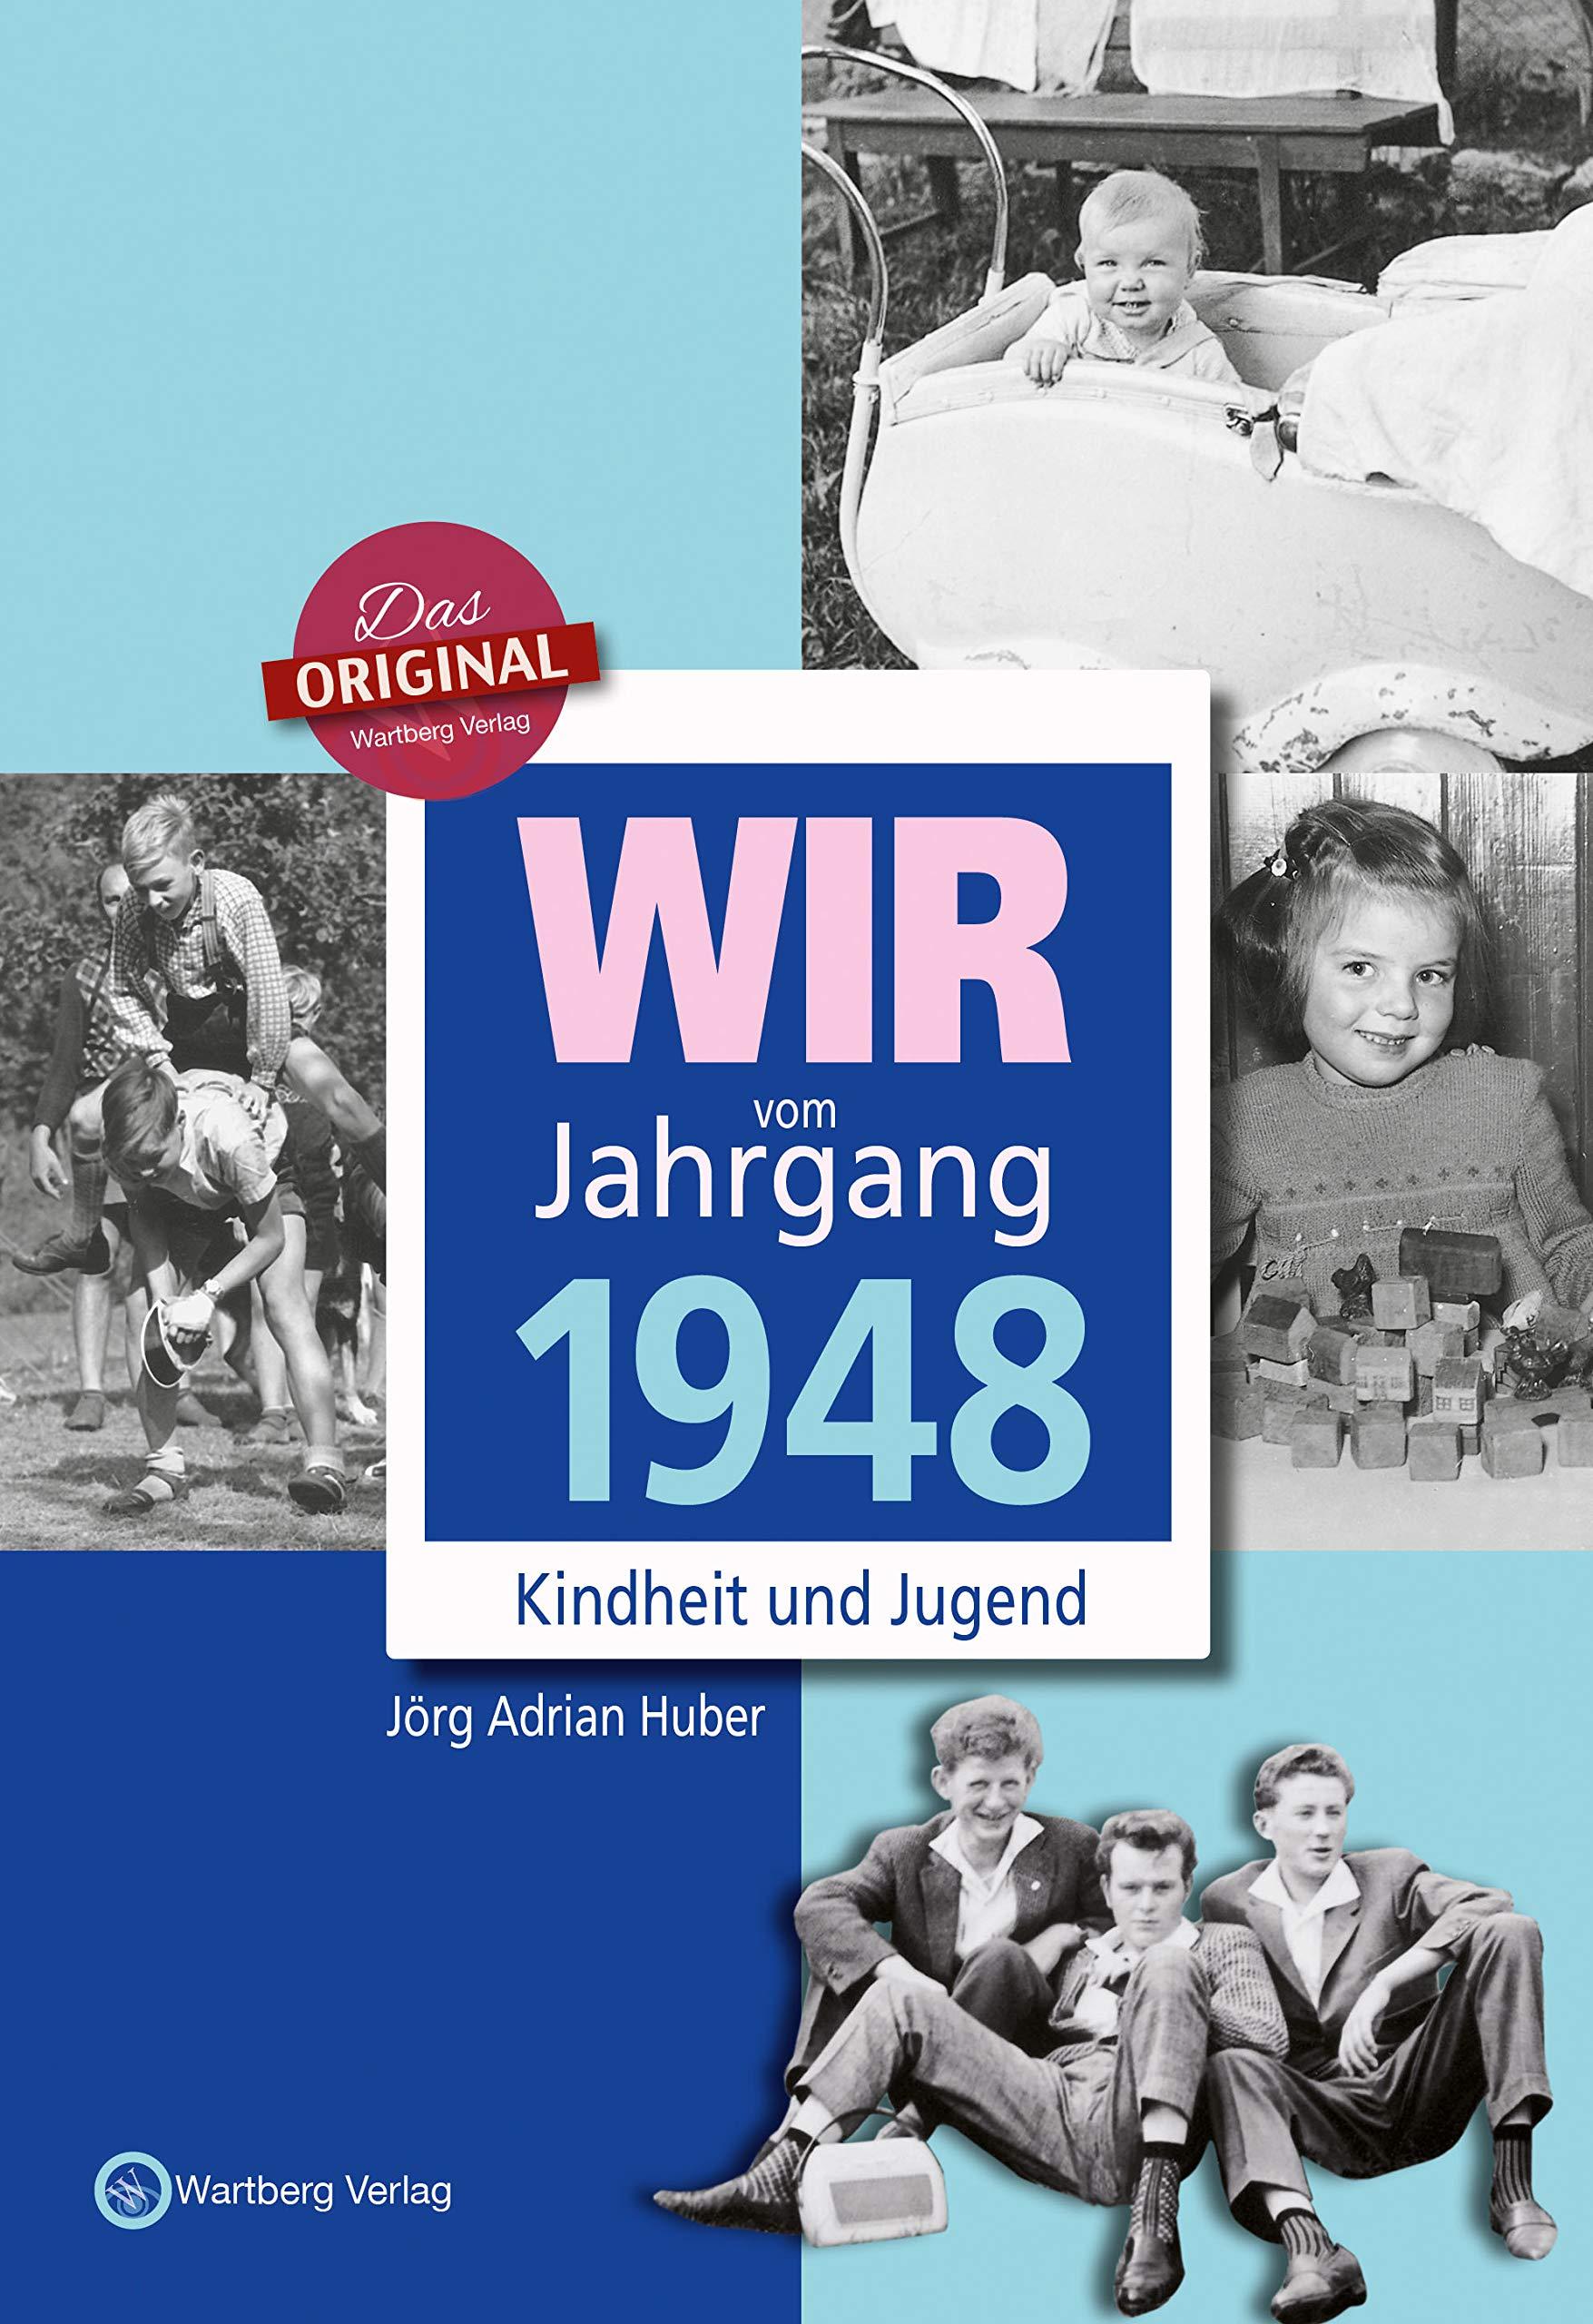 Wir Vom Jahrgang 1948   Kindheit Und Jugend  Jahrgangsbände